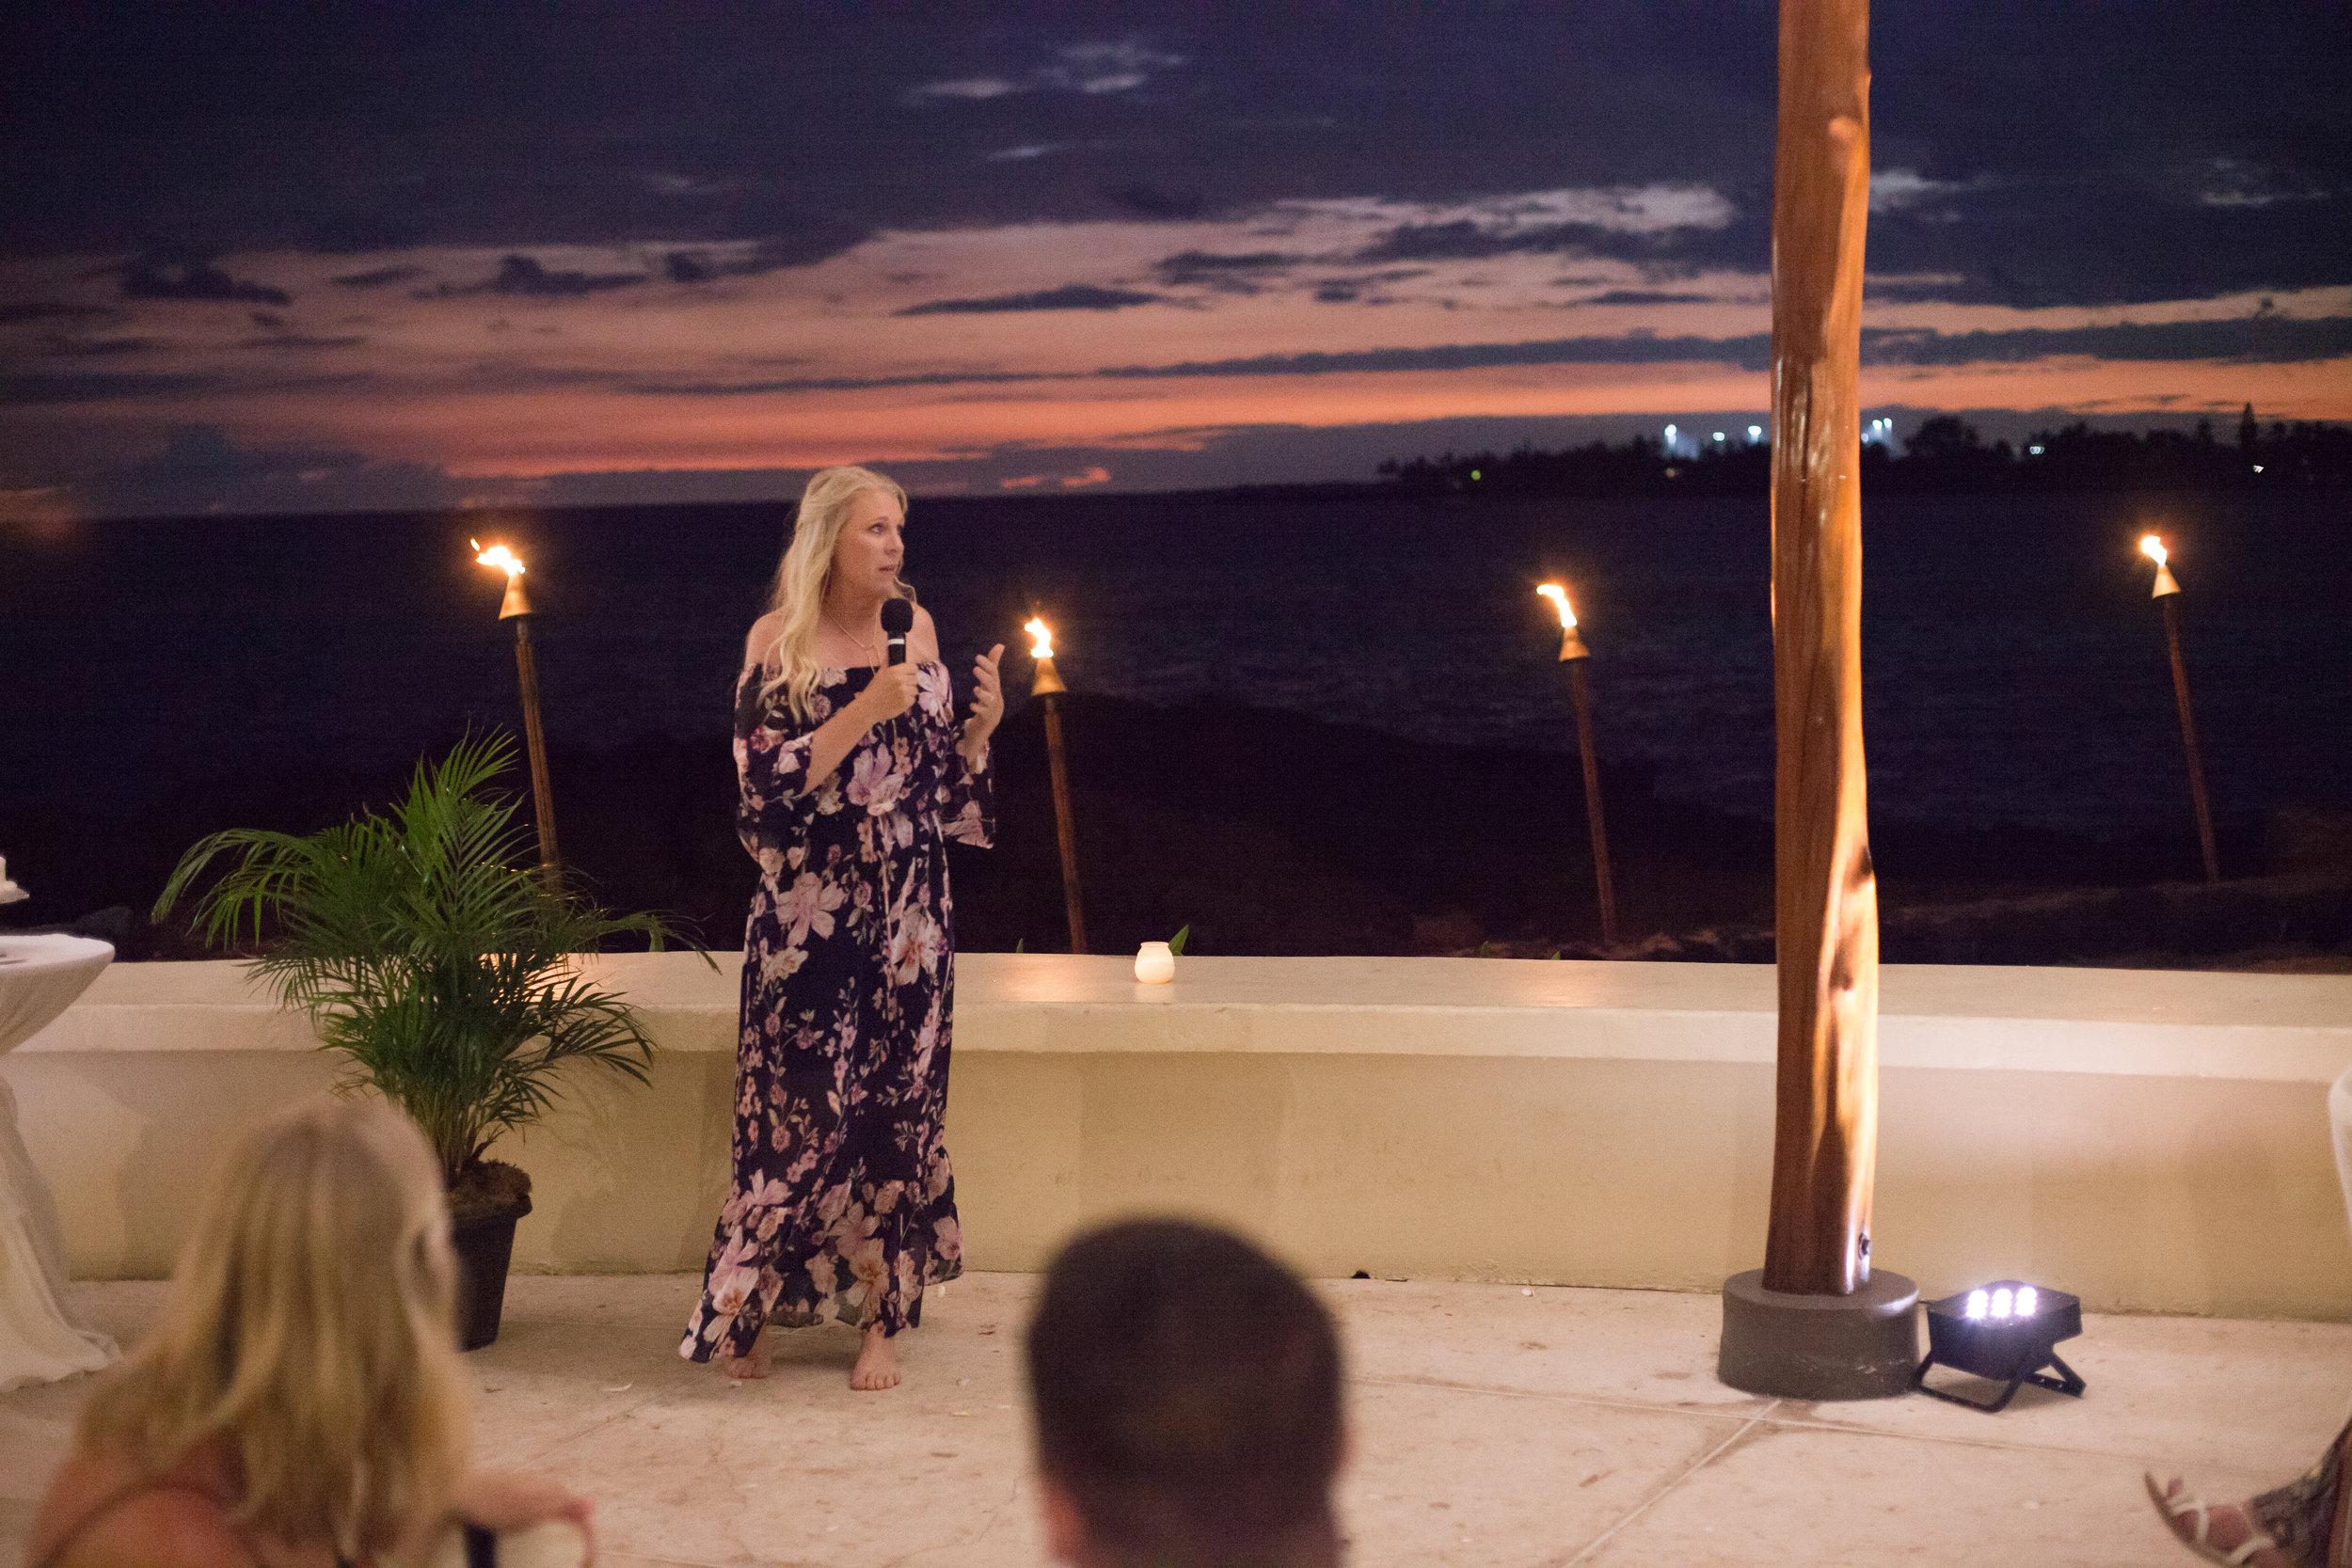 big island hawaii royal kona resort beach wedding © kelilina photography 20170520192904.jpg